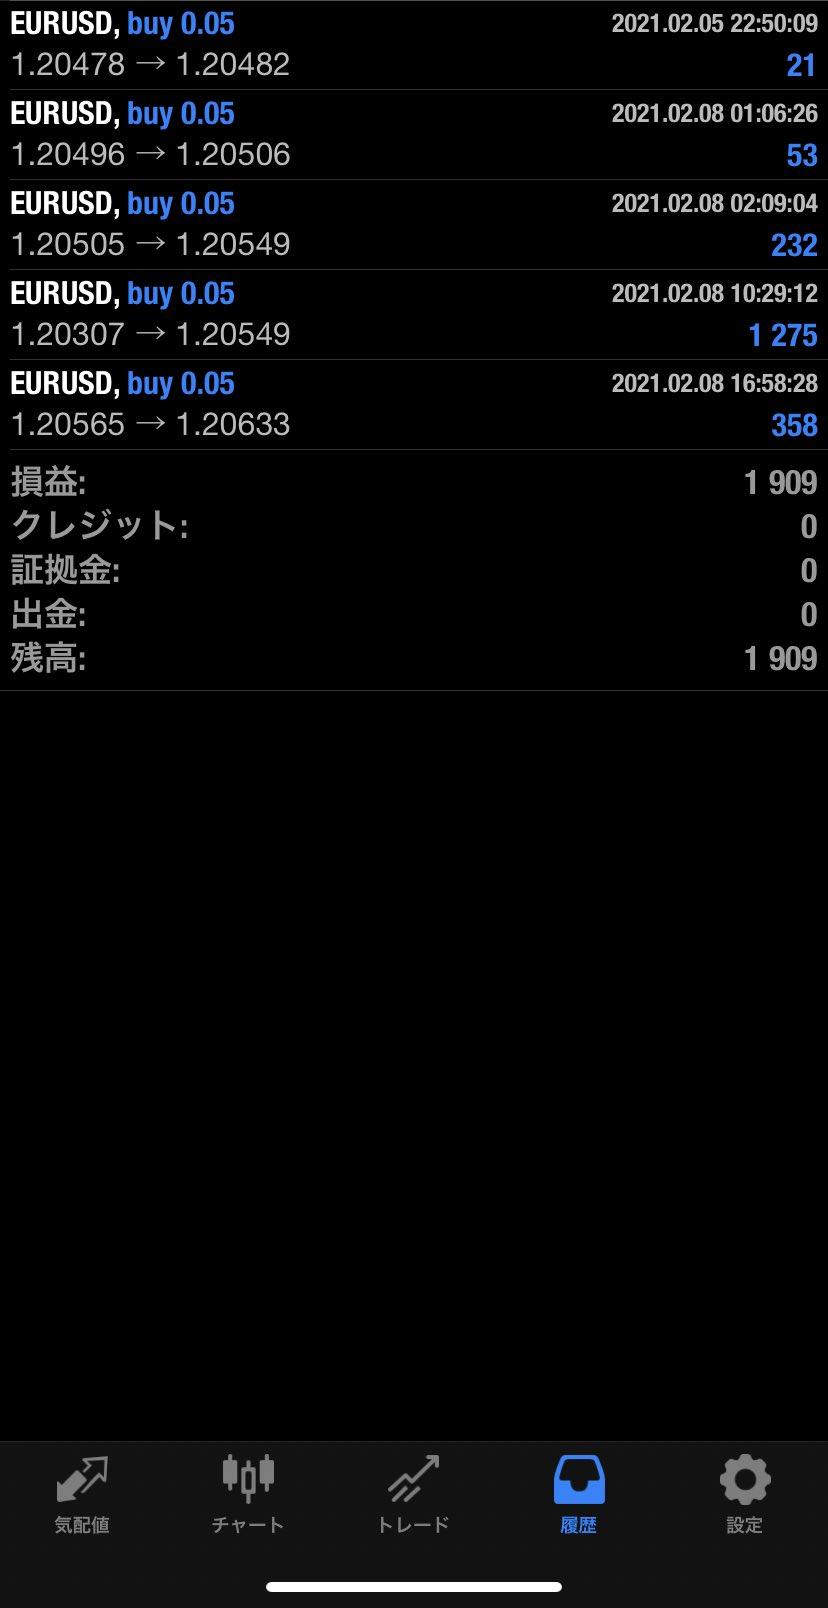 2021年2月8日 EUR/USDバージョン1,909円